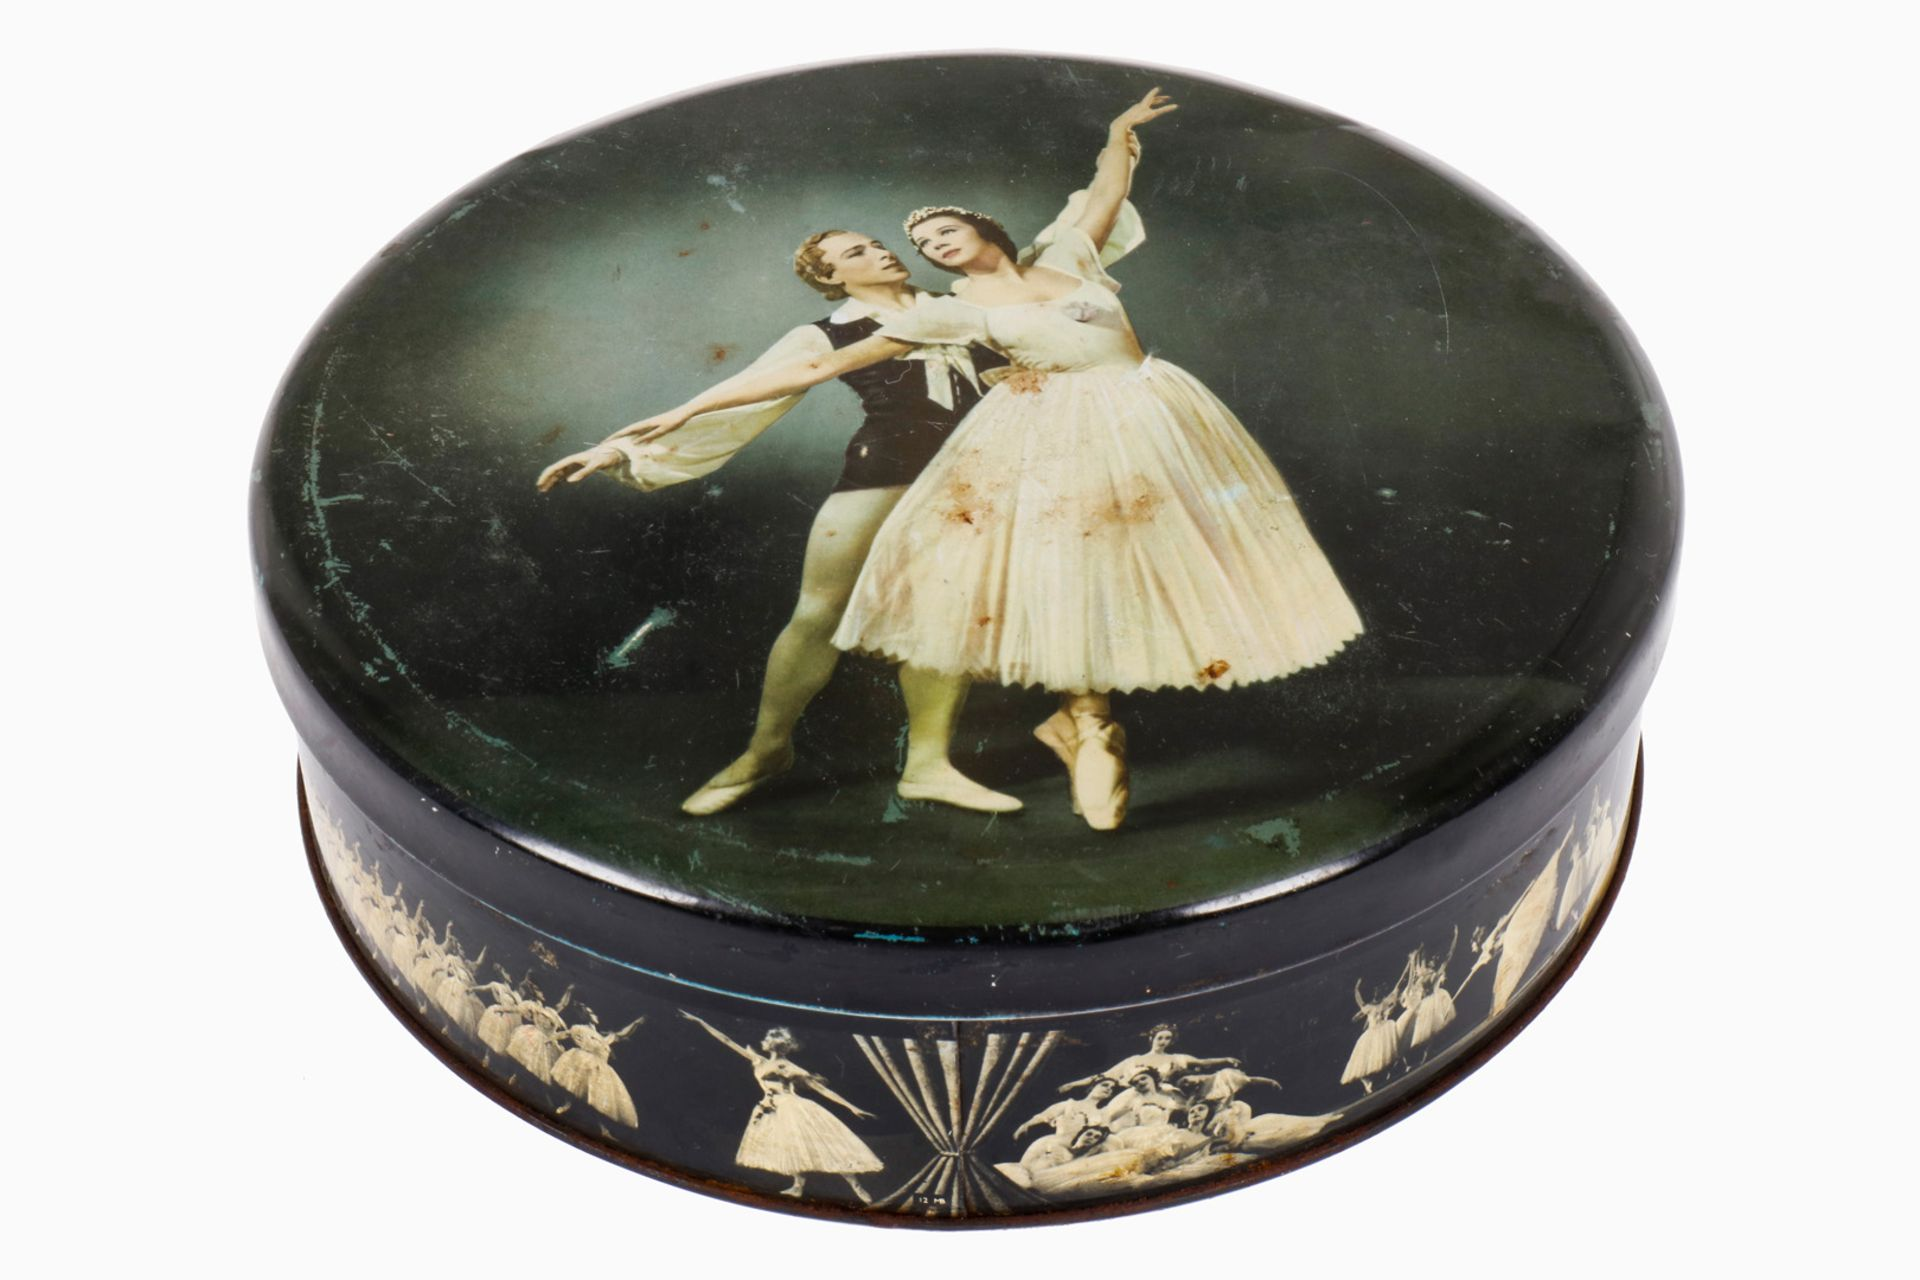 Blechdose mit Tanzpaar, Blech, CL, Alterungsspuren, D 21, Z 2